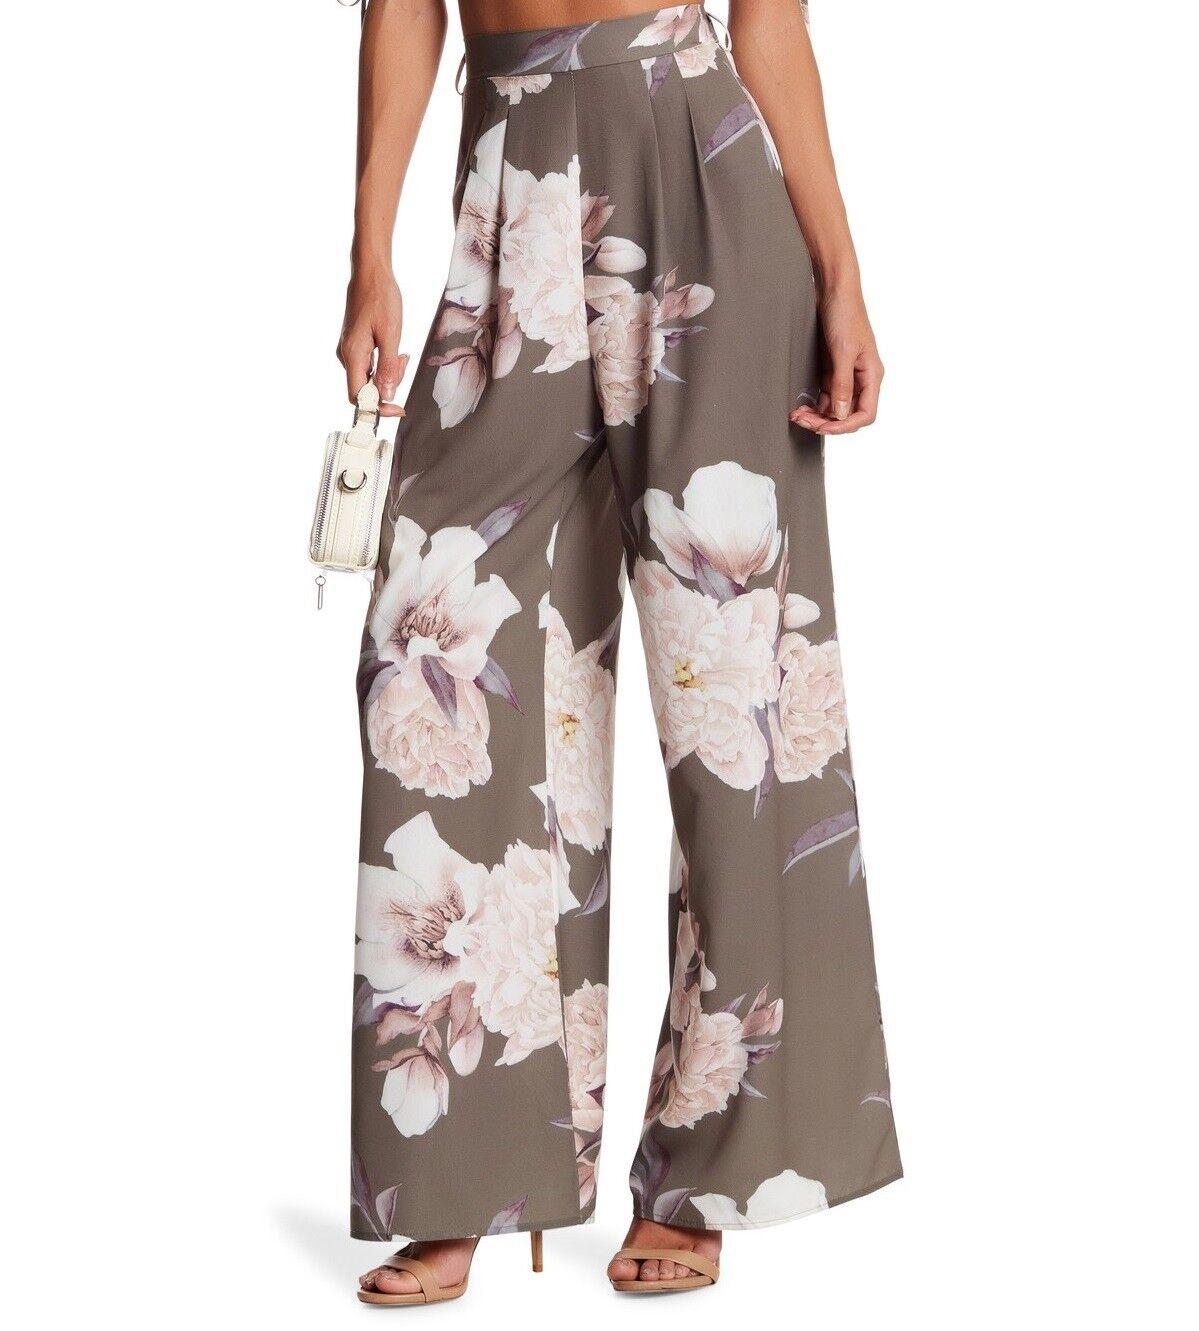 L'Atiste Floral Print  Wide Leg Pants (Size L)